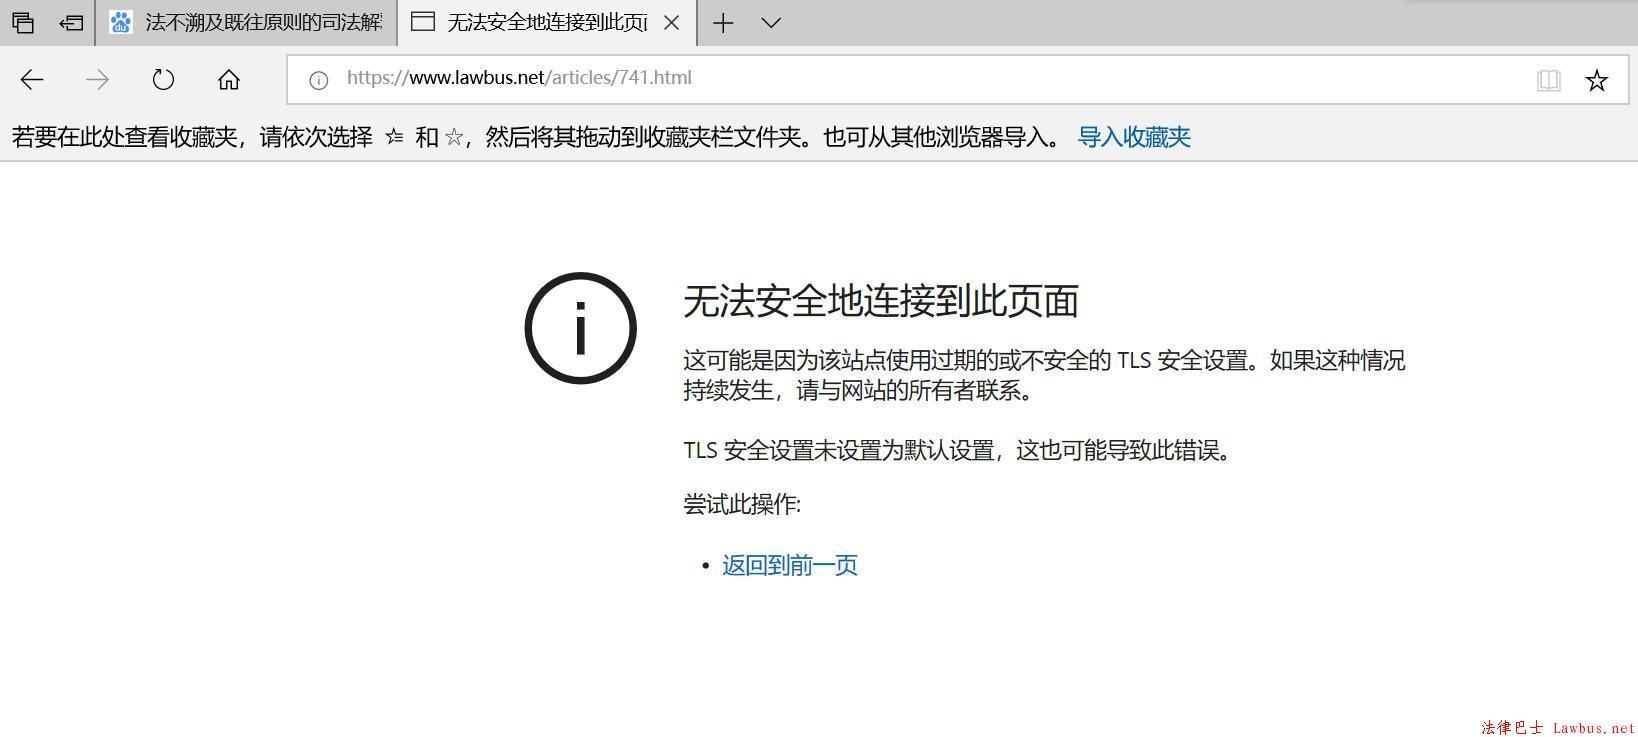 无法安全地连接到此页面.jpg